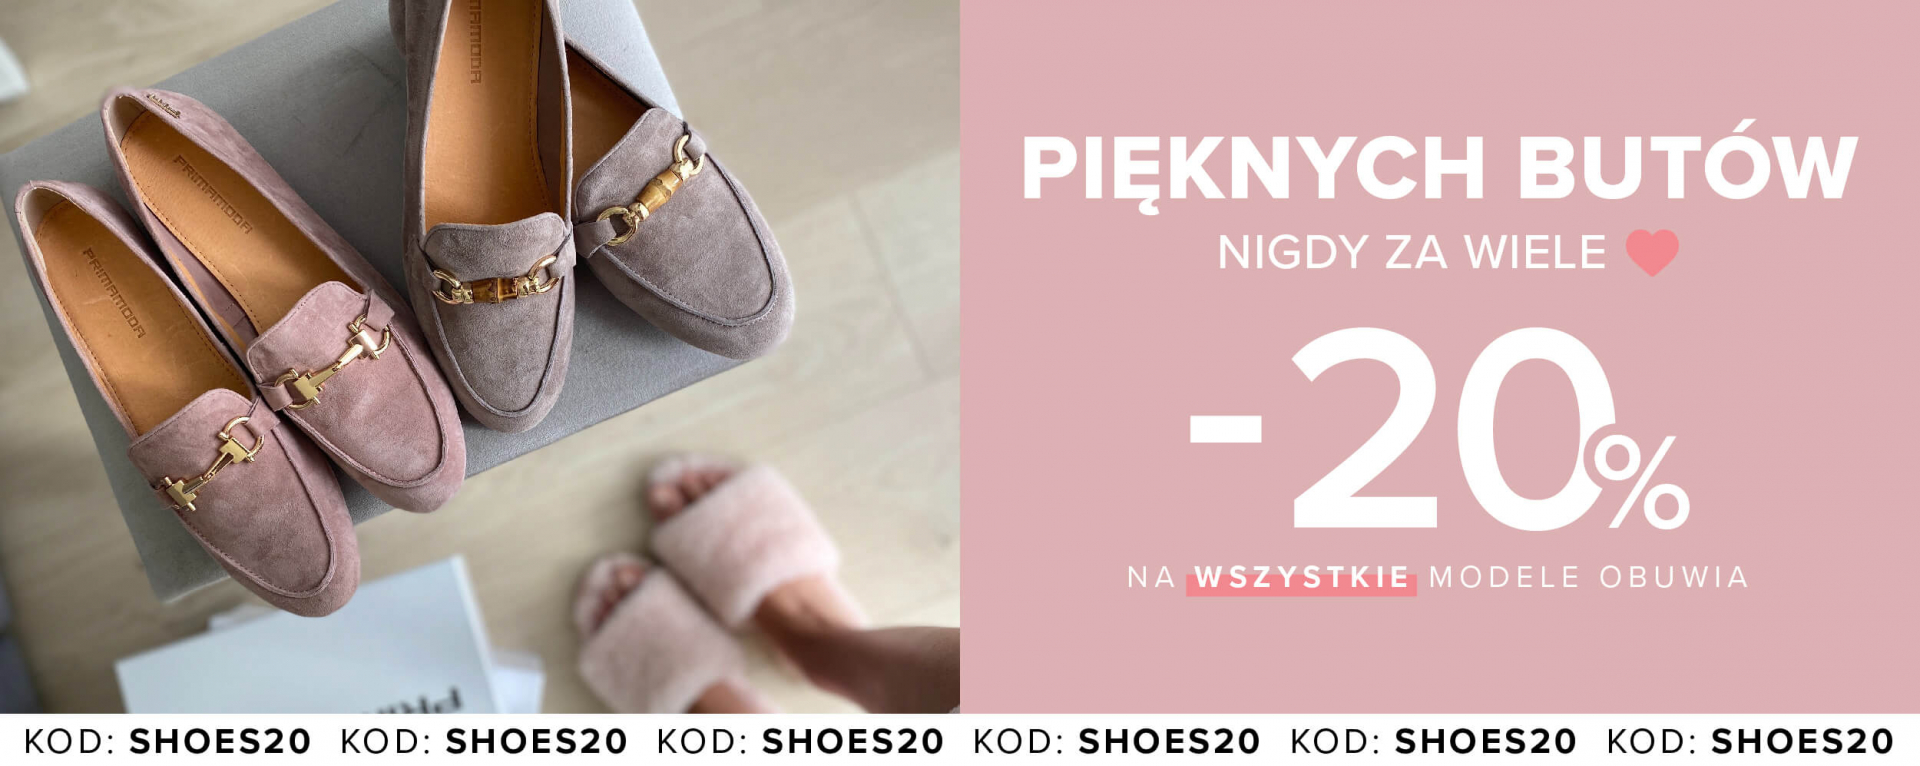 Primamoda: 20% zniżki na wszystkie modele obuwia damskiego i męskiego